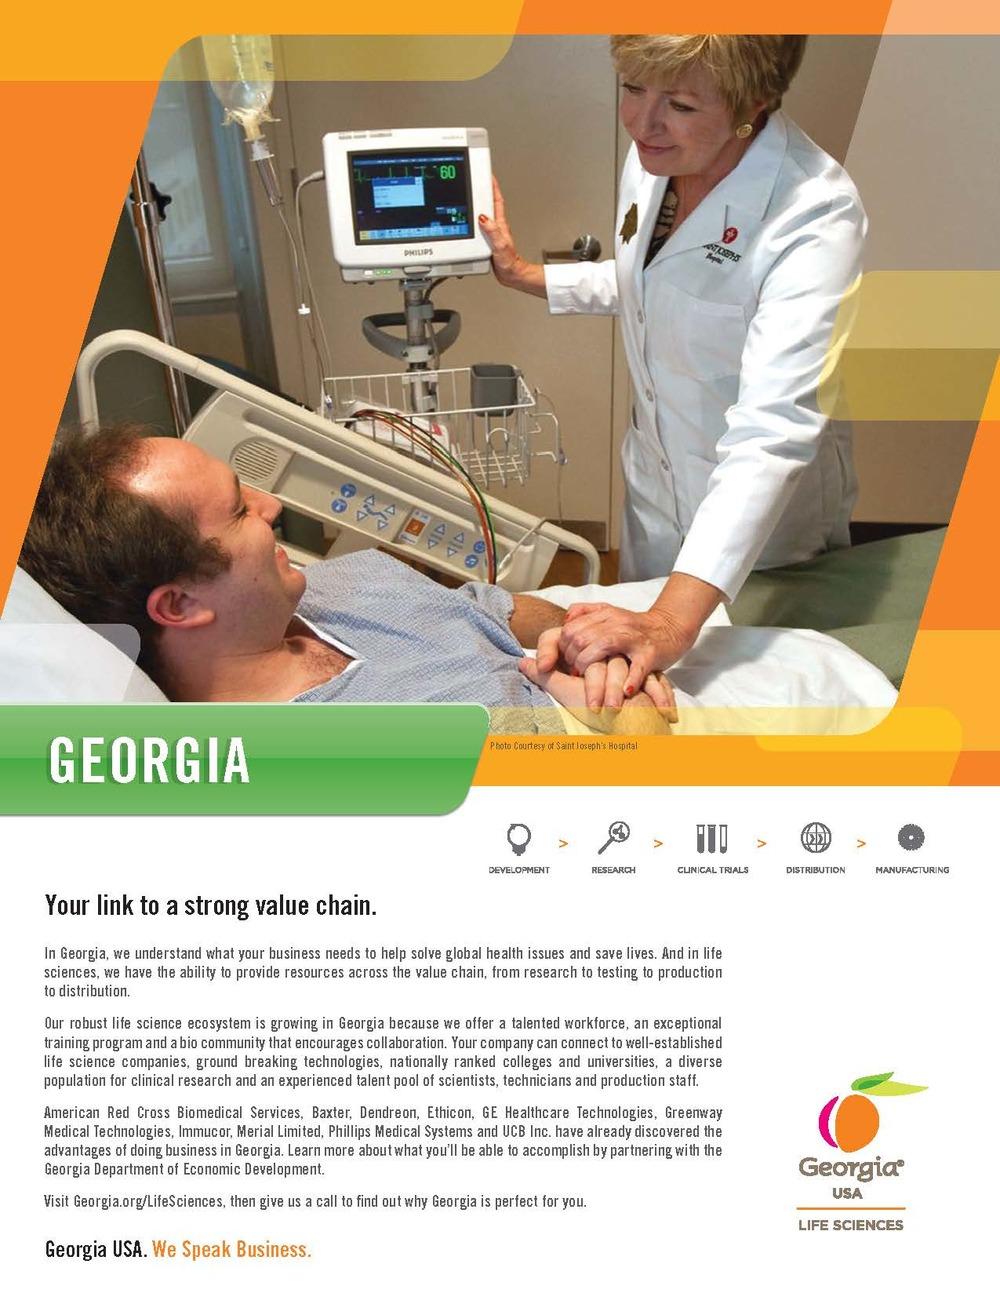 Georgia_BioScience_Page_1.jpg